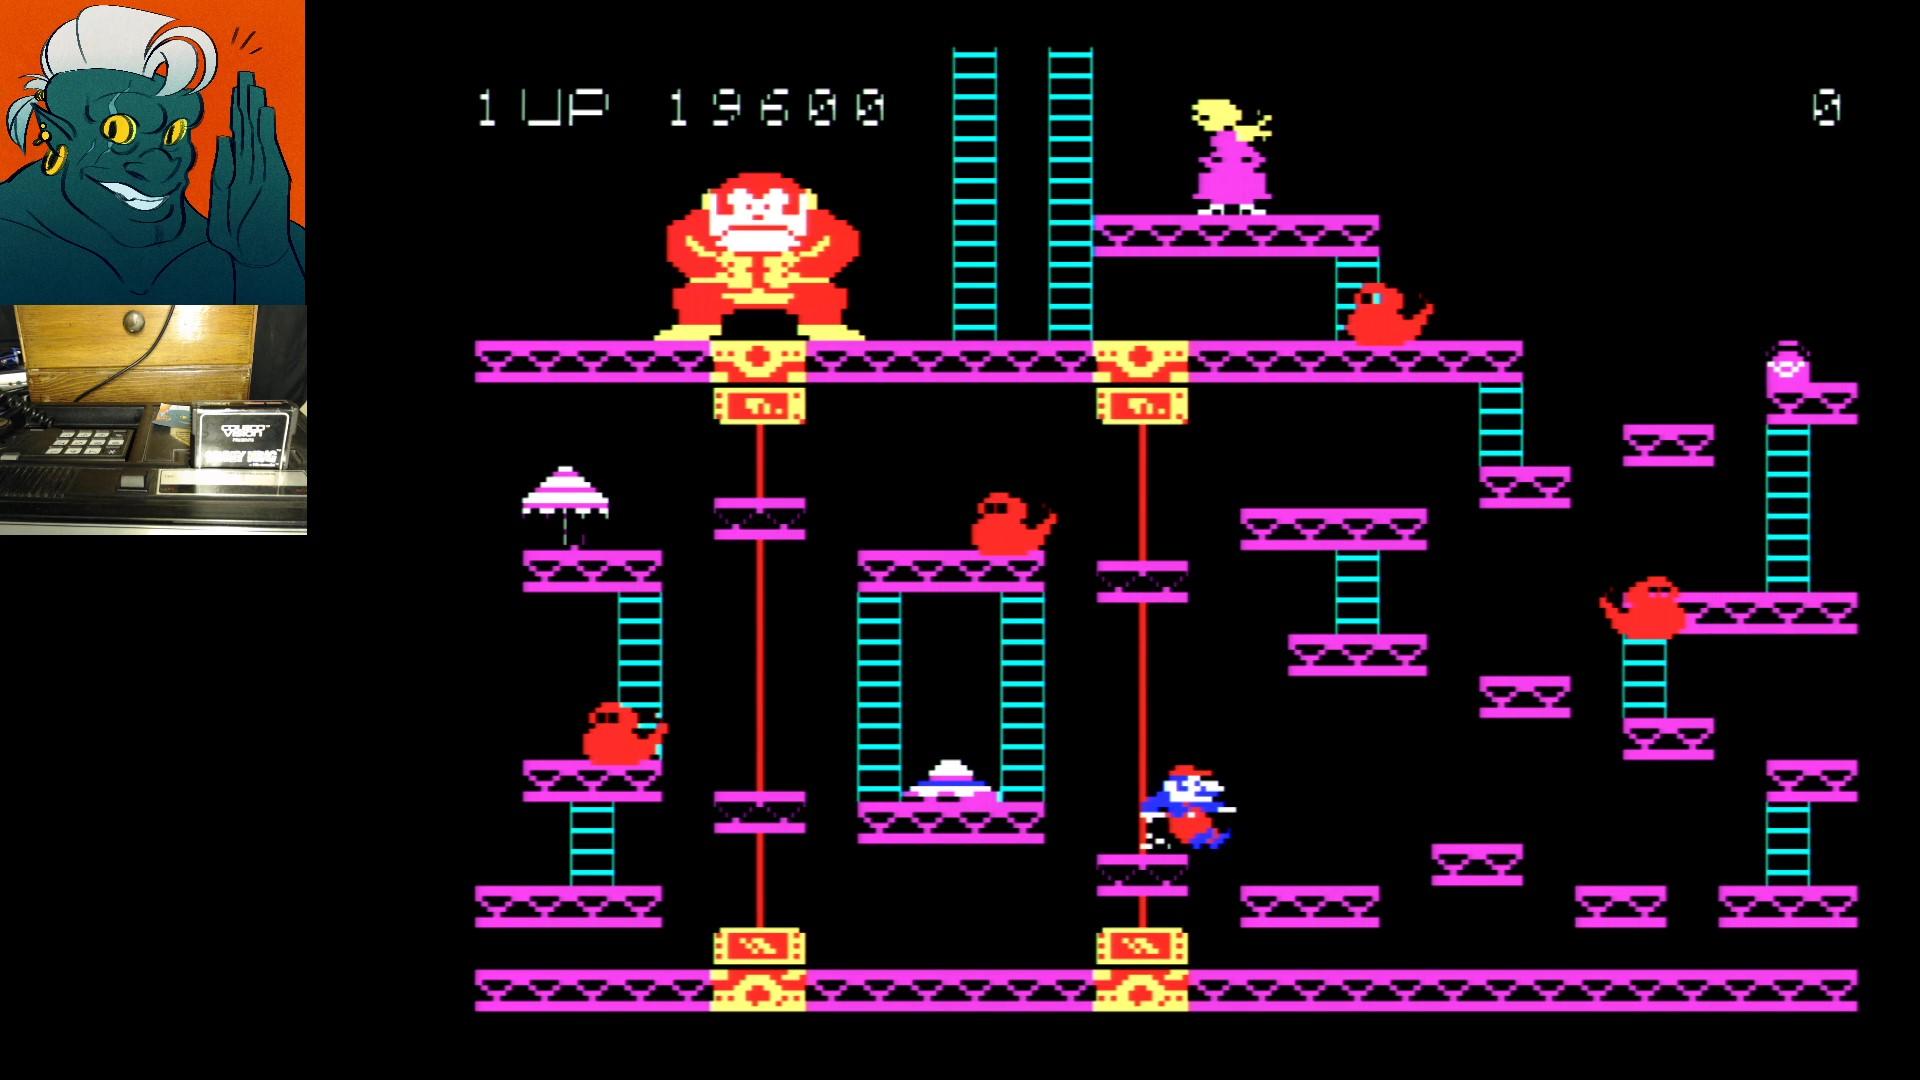 Donkey Kong 119,600 points